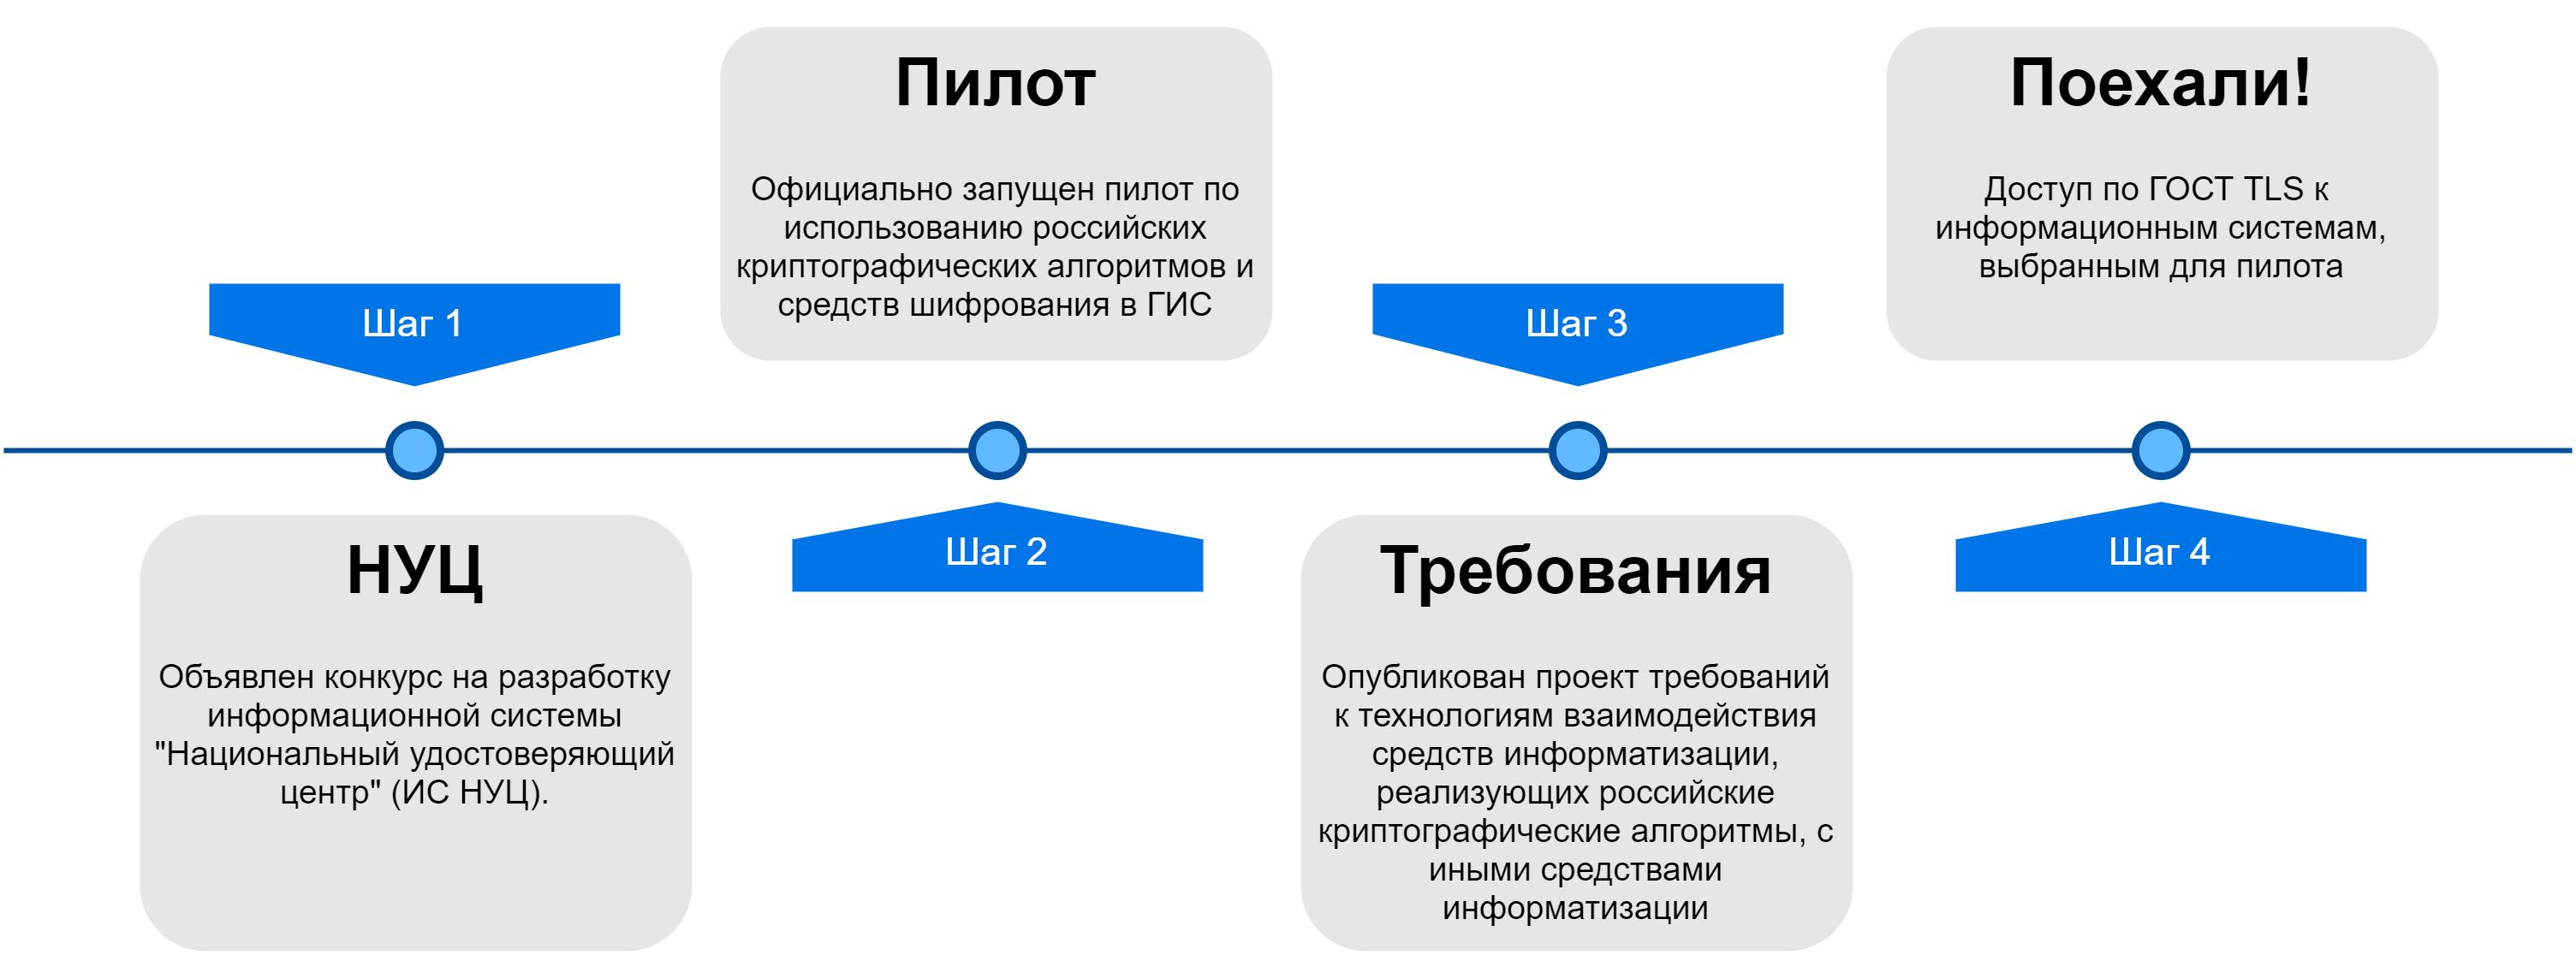 ГОСТ TLS